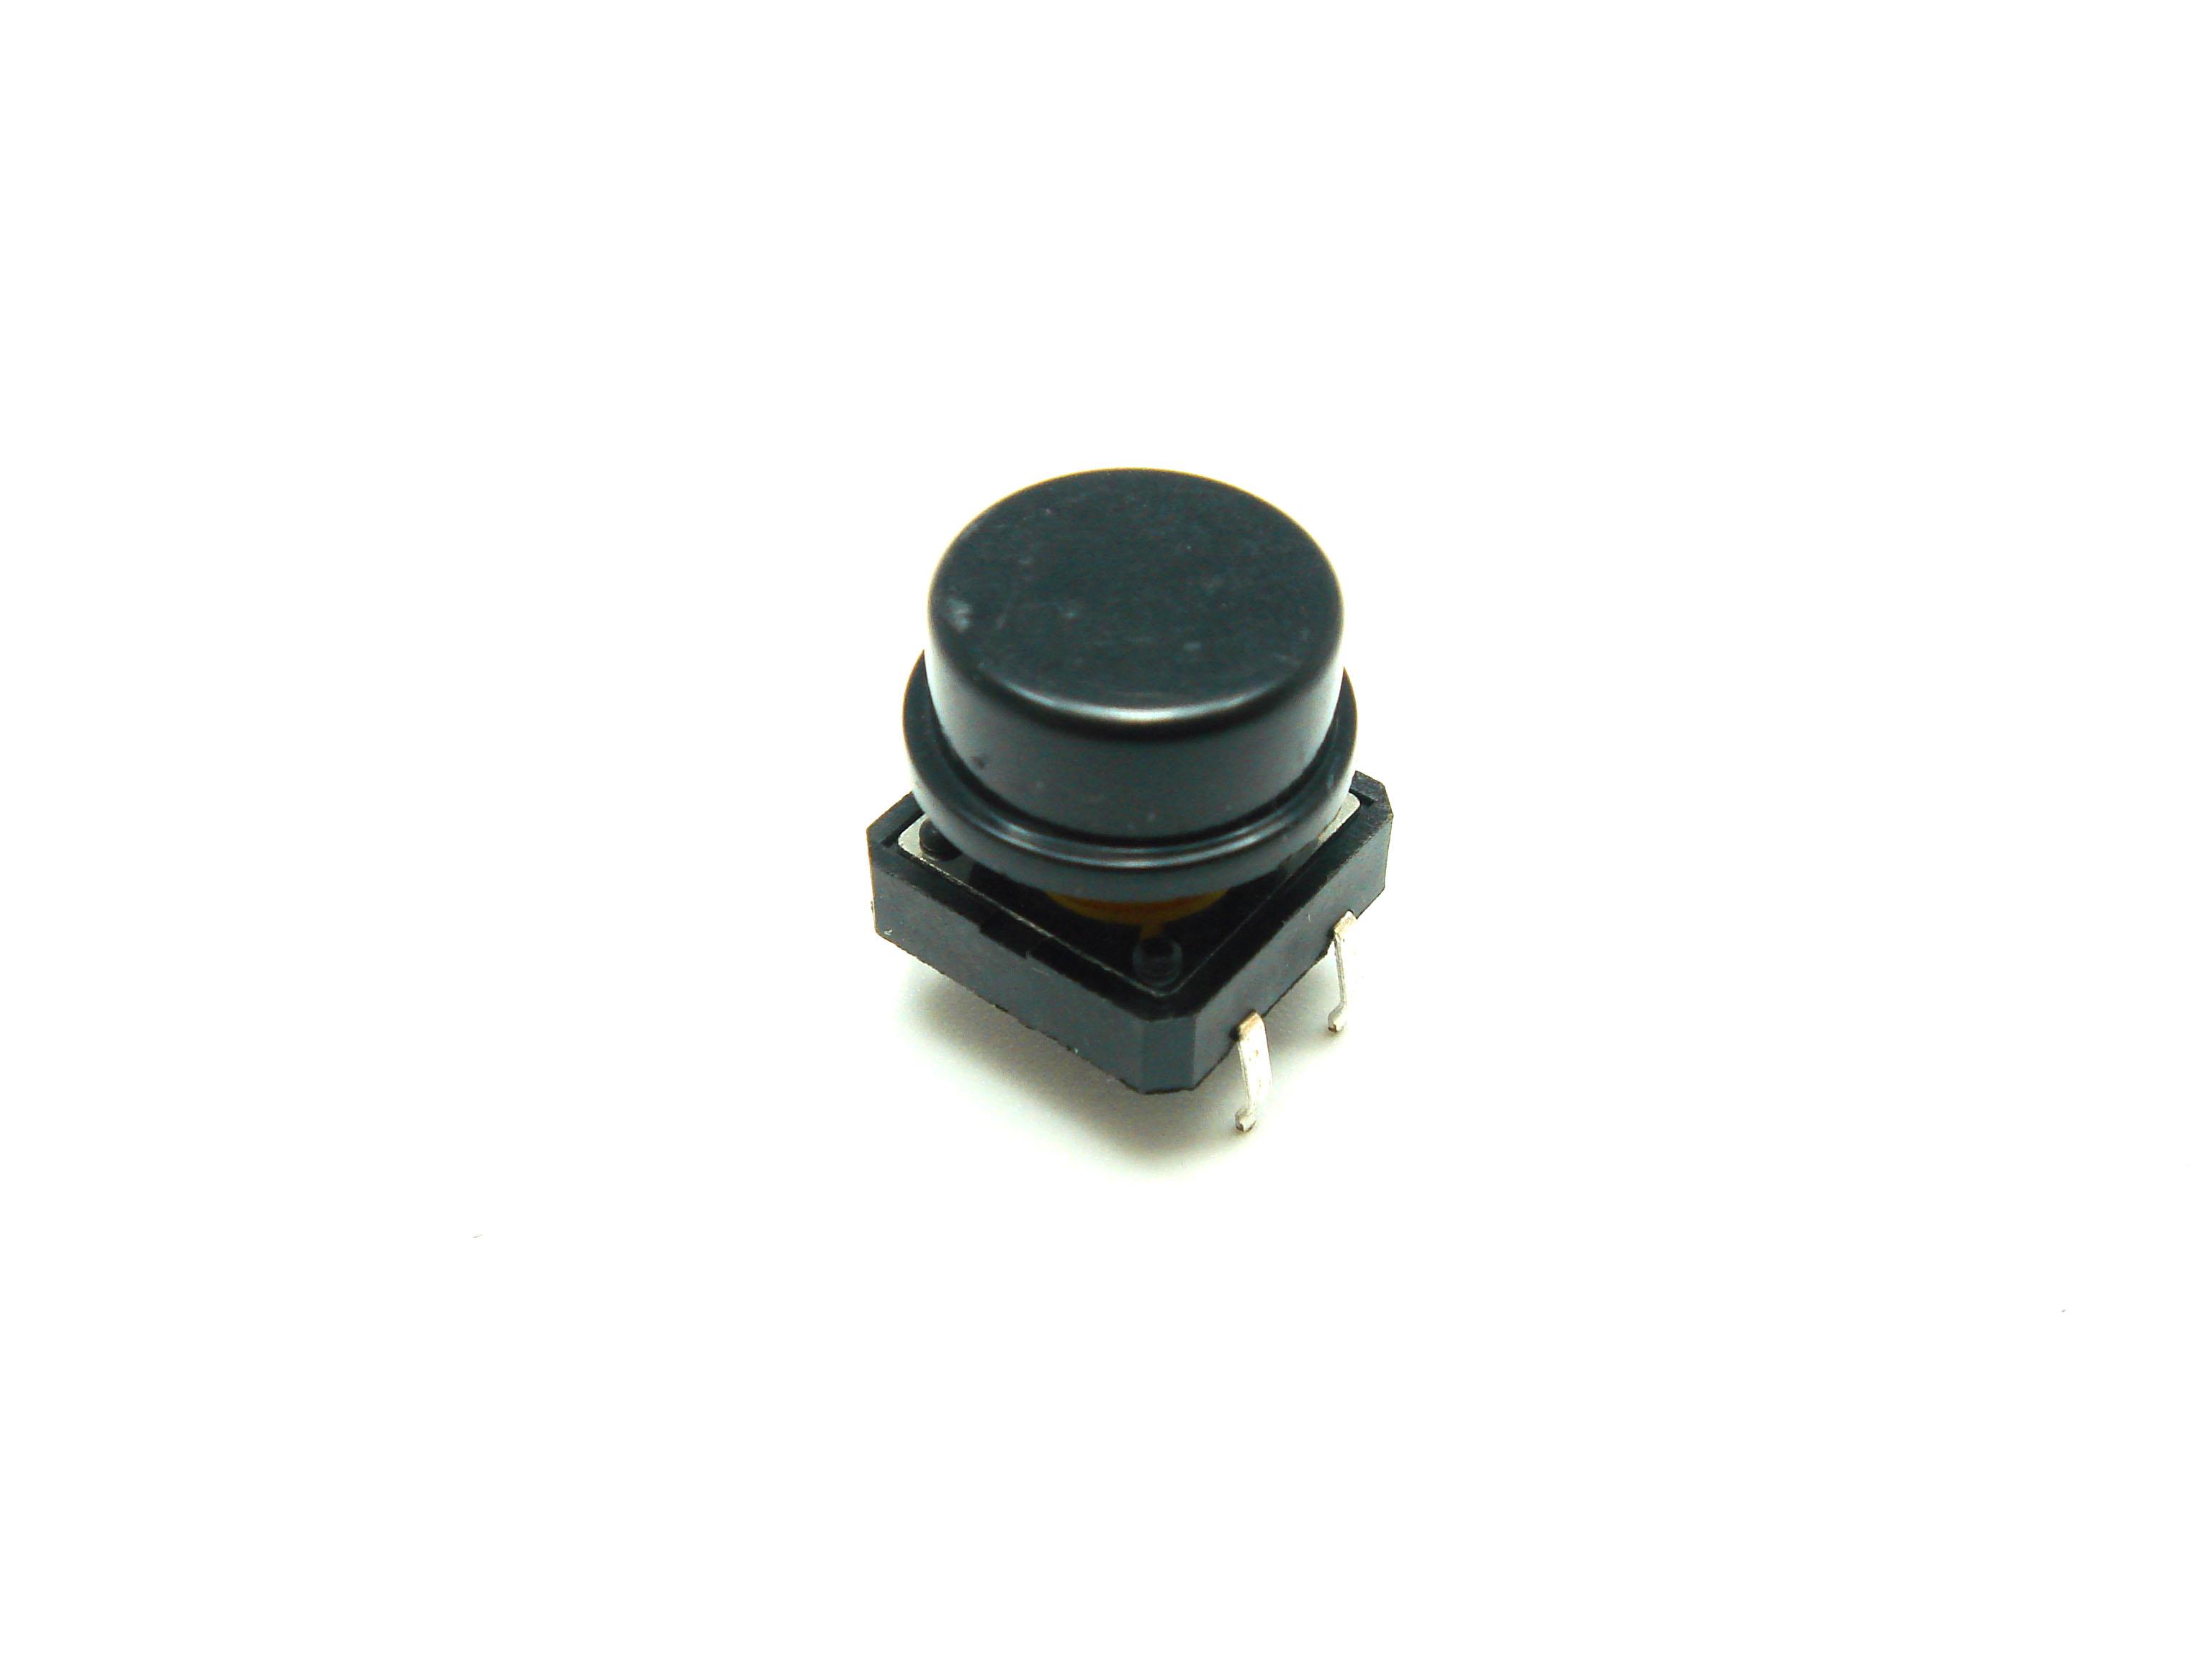 สวิตช์ ปุ่มกดติดปล่อยดับ B3F ขนาด 12 * 12 * 7.3 mm หัวสีดำ